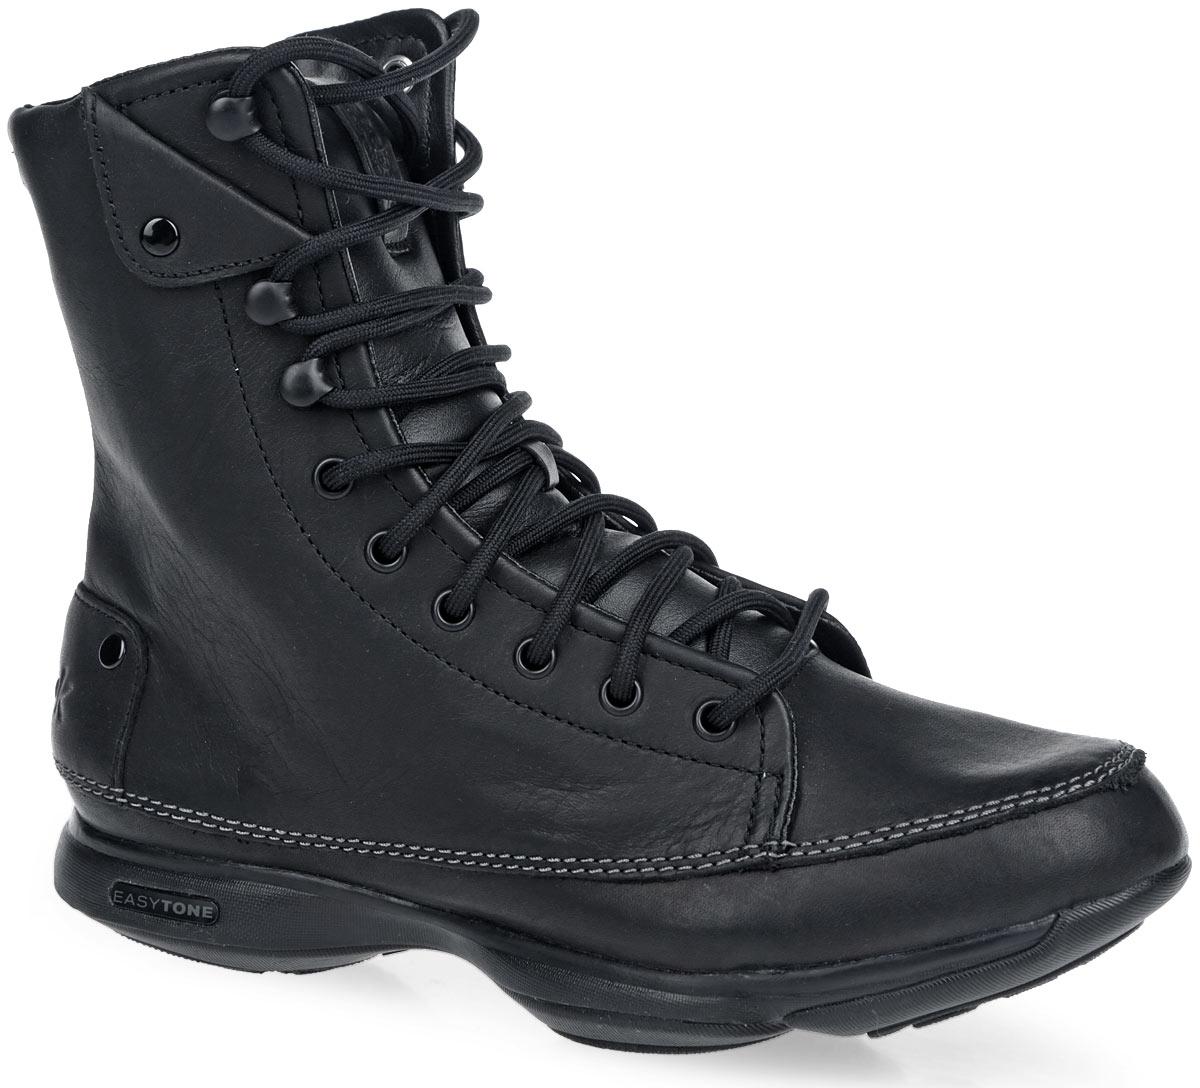 Кроссовки для тренинга женские Easytone too trendy. J90631J90631Невероятно стильные женские кроссовки от Reebok Easytone too trendy предназначены для использования в качестве зимних сапог для легких походов, туризма, активного отдыха и зимней повседневной обуви, для носки на сырых и холодных городских улицах. Модель выполнена из натуральной кожи. Верх изделия оформлен шнуровкой с металлическими люверсами, которая гарантирует надежную фиксацию на стопе. Подкладка и съемная анатомическая стелька, исполненные из текстиля, и язычок - из искусственного меха способствуют поддержанию оптимального микроклимата. Обувь декорирована светлой прострочкой по ранту, а по бокам и на язычке нашивкой из кожи. На язычке нашивка выступает в роли ярлычка. Задник дополнен тиснением в виде логотипа бренда. Промежуточная подошва из ЭВА предназначена для невероятной гибкости и отличного управления. Подошва с рельефным протектором обеспечивает сцепление с любой поверхностью. В таких кроссовках вашим ногам будет максимально комфортно.